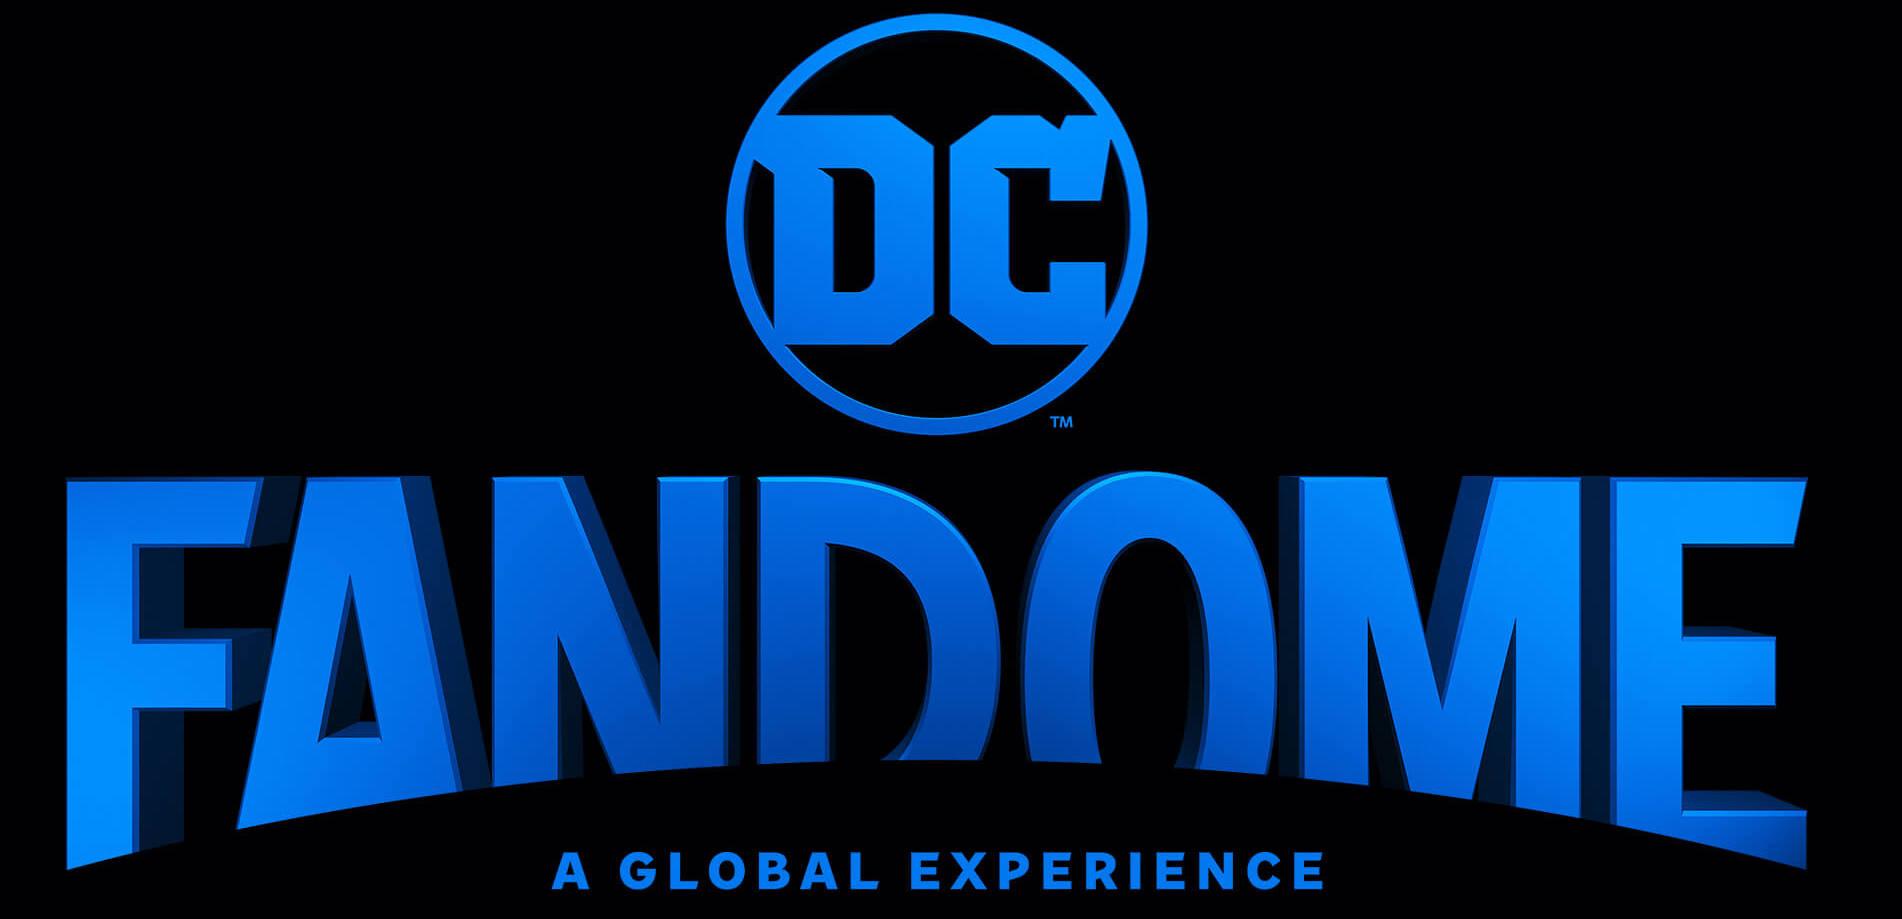 DC FanDome, experiencia virtual para convivir con tu superhéroe favorito